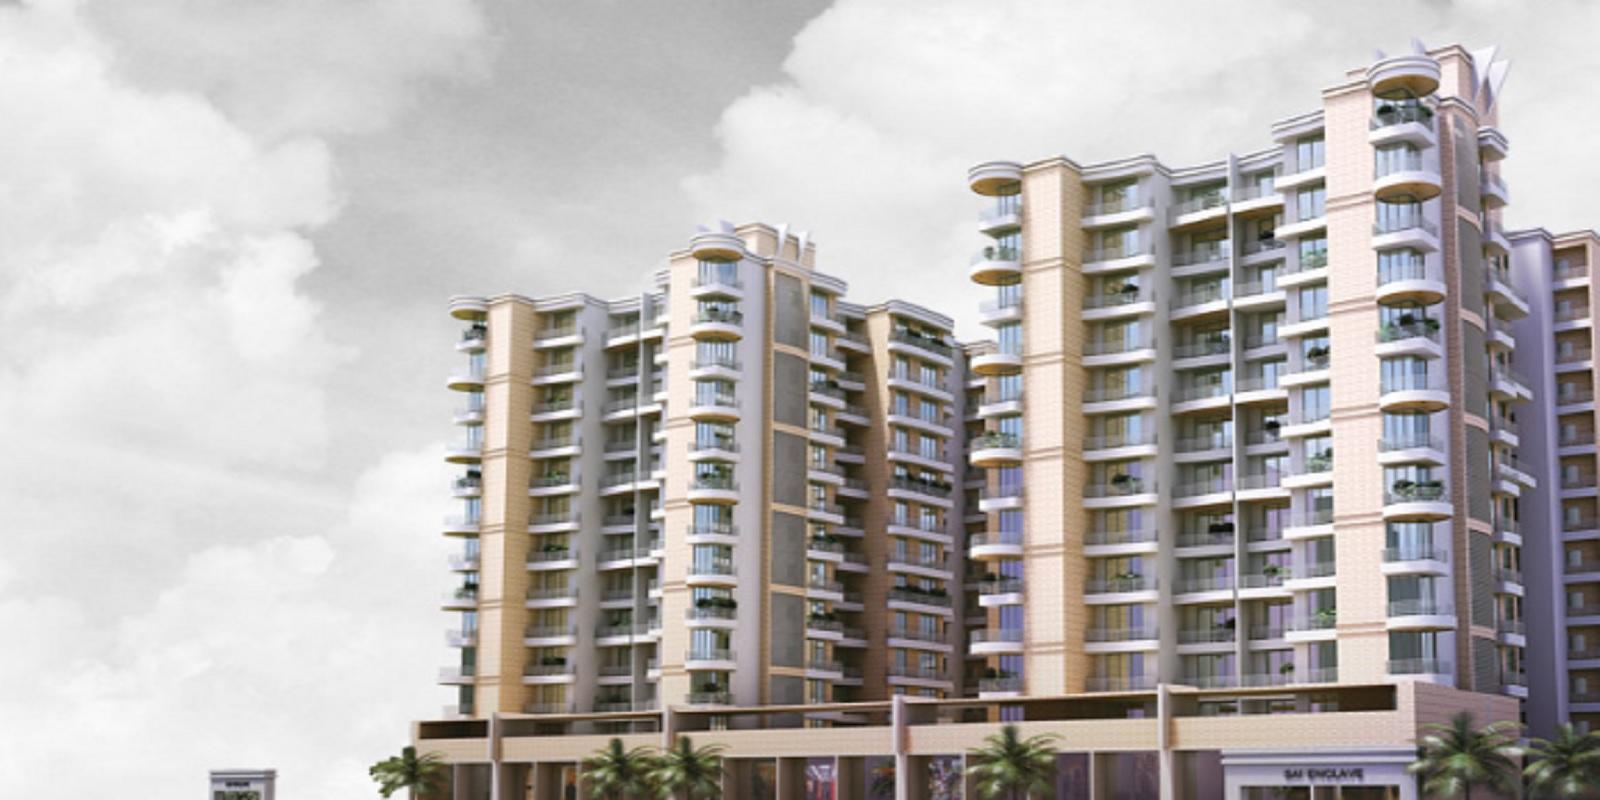 paradise sai enclave project project large image1